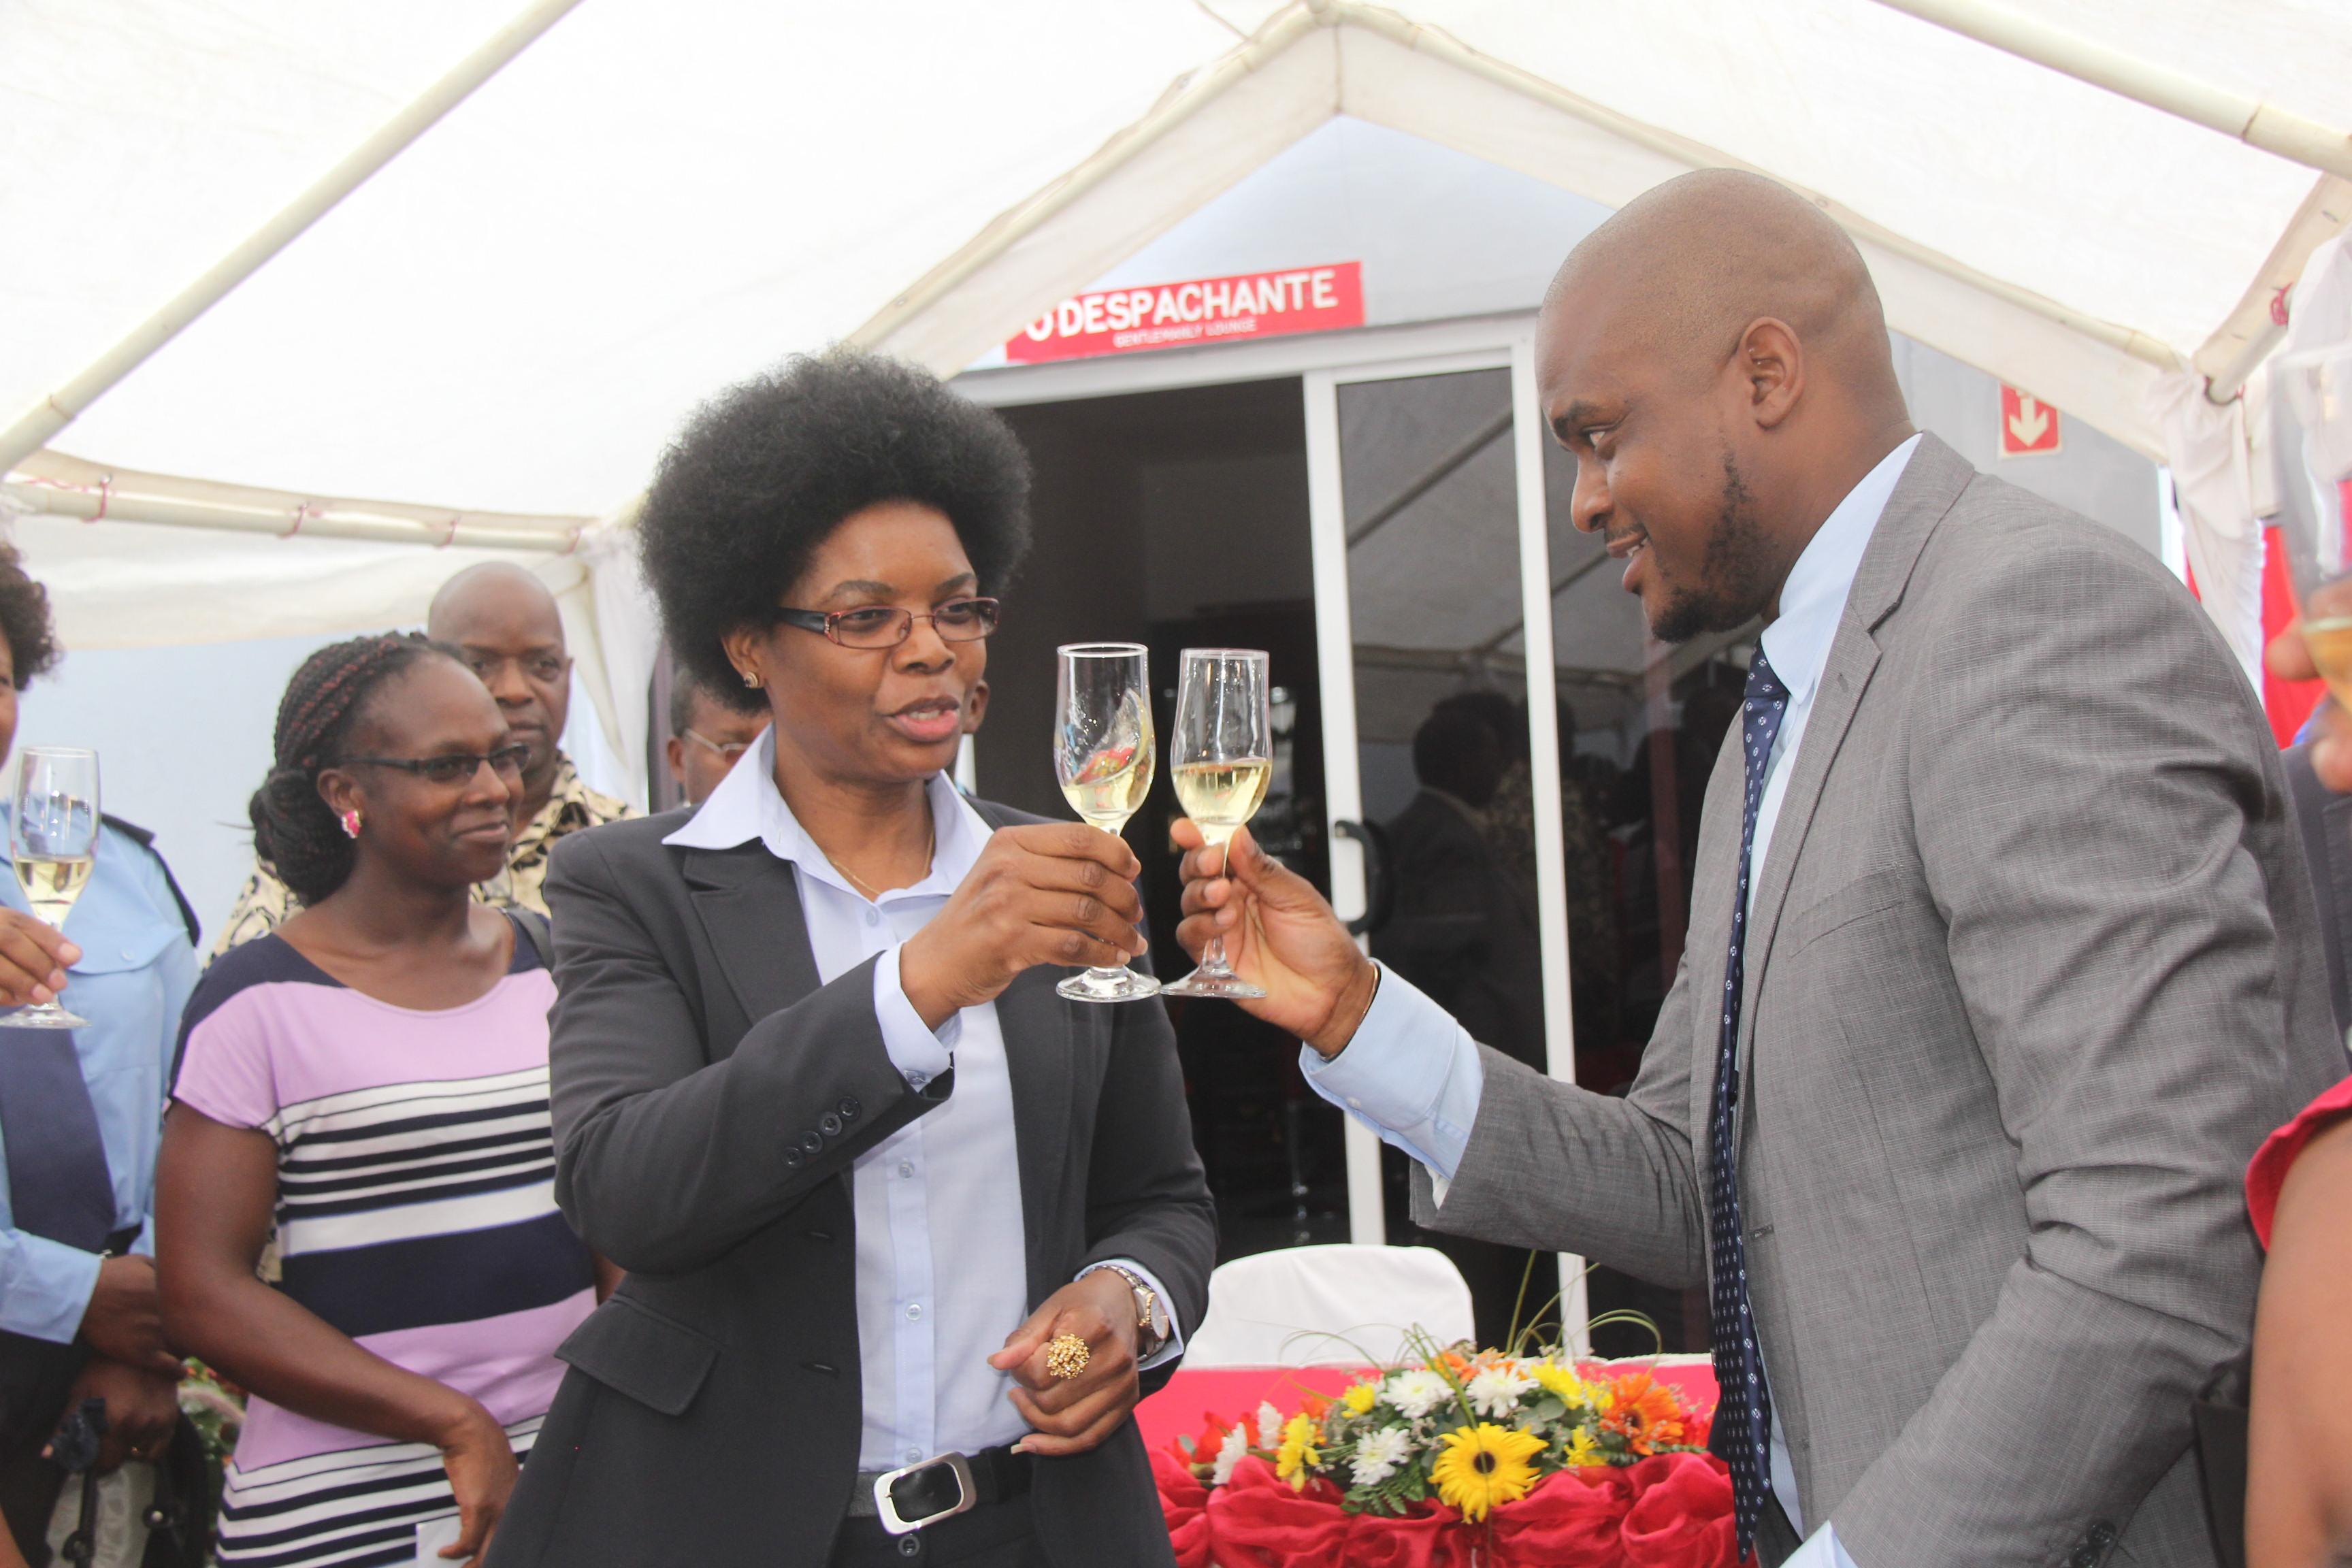 Câmara dos Despachantes Aduaneiros de Moçambique inaugura nova Sede